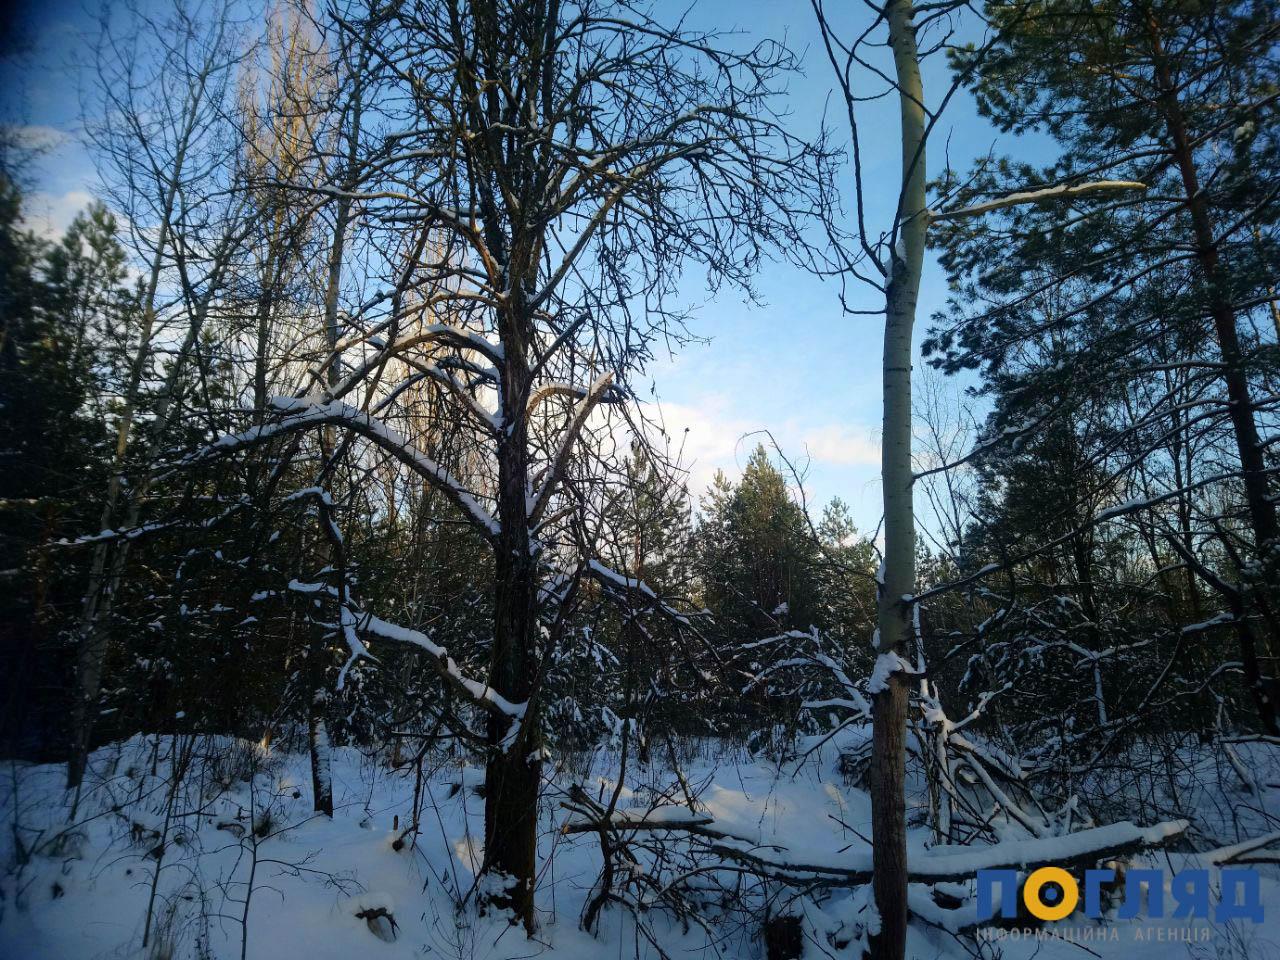 Лише за місяць рослинний світ України зазнав збитків на 14,5 млн грн - стихійні сміттєзвалища, природа, ліси, ліс, вирубка лісу - photo5269702741234659862